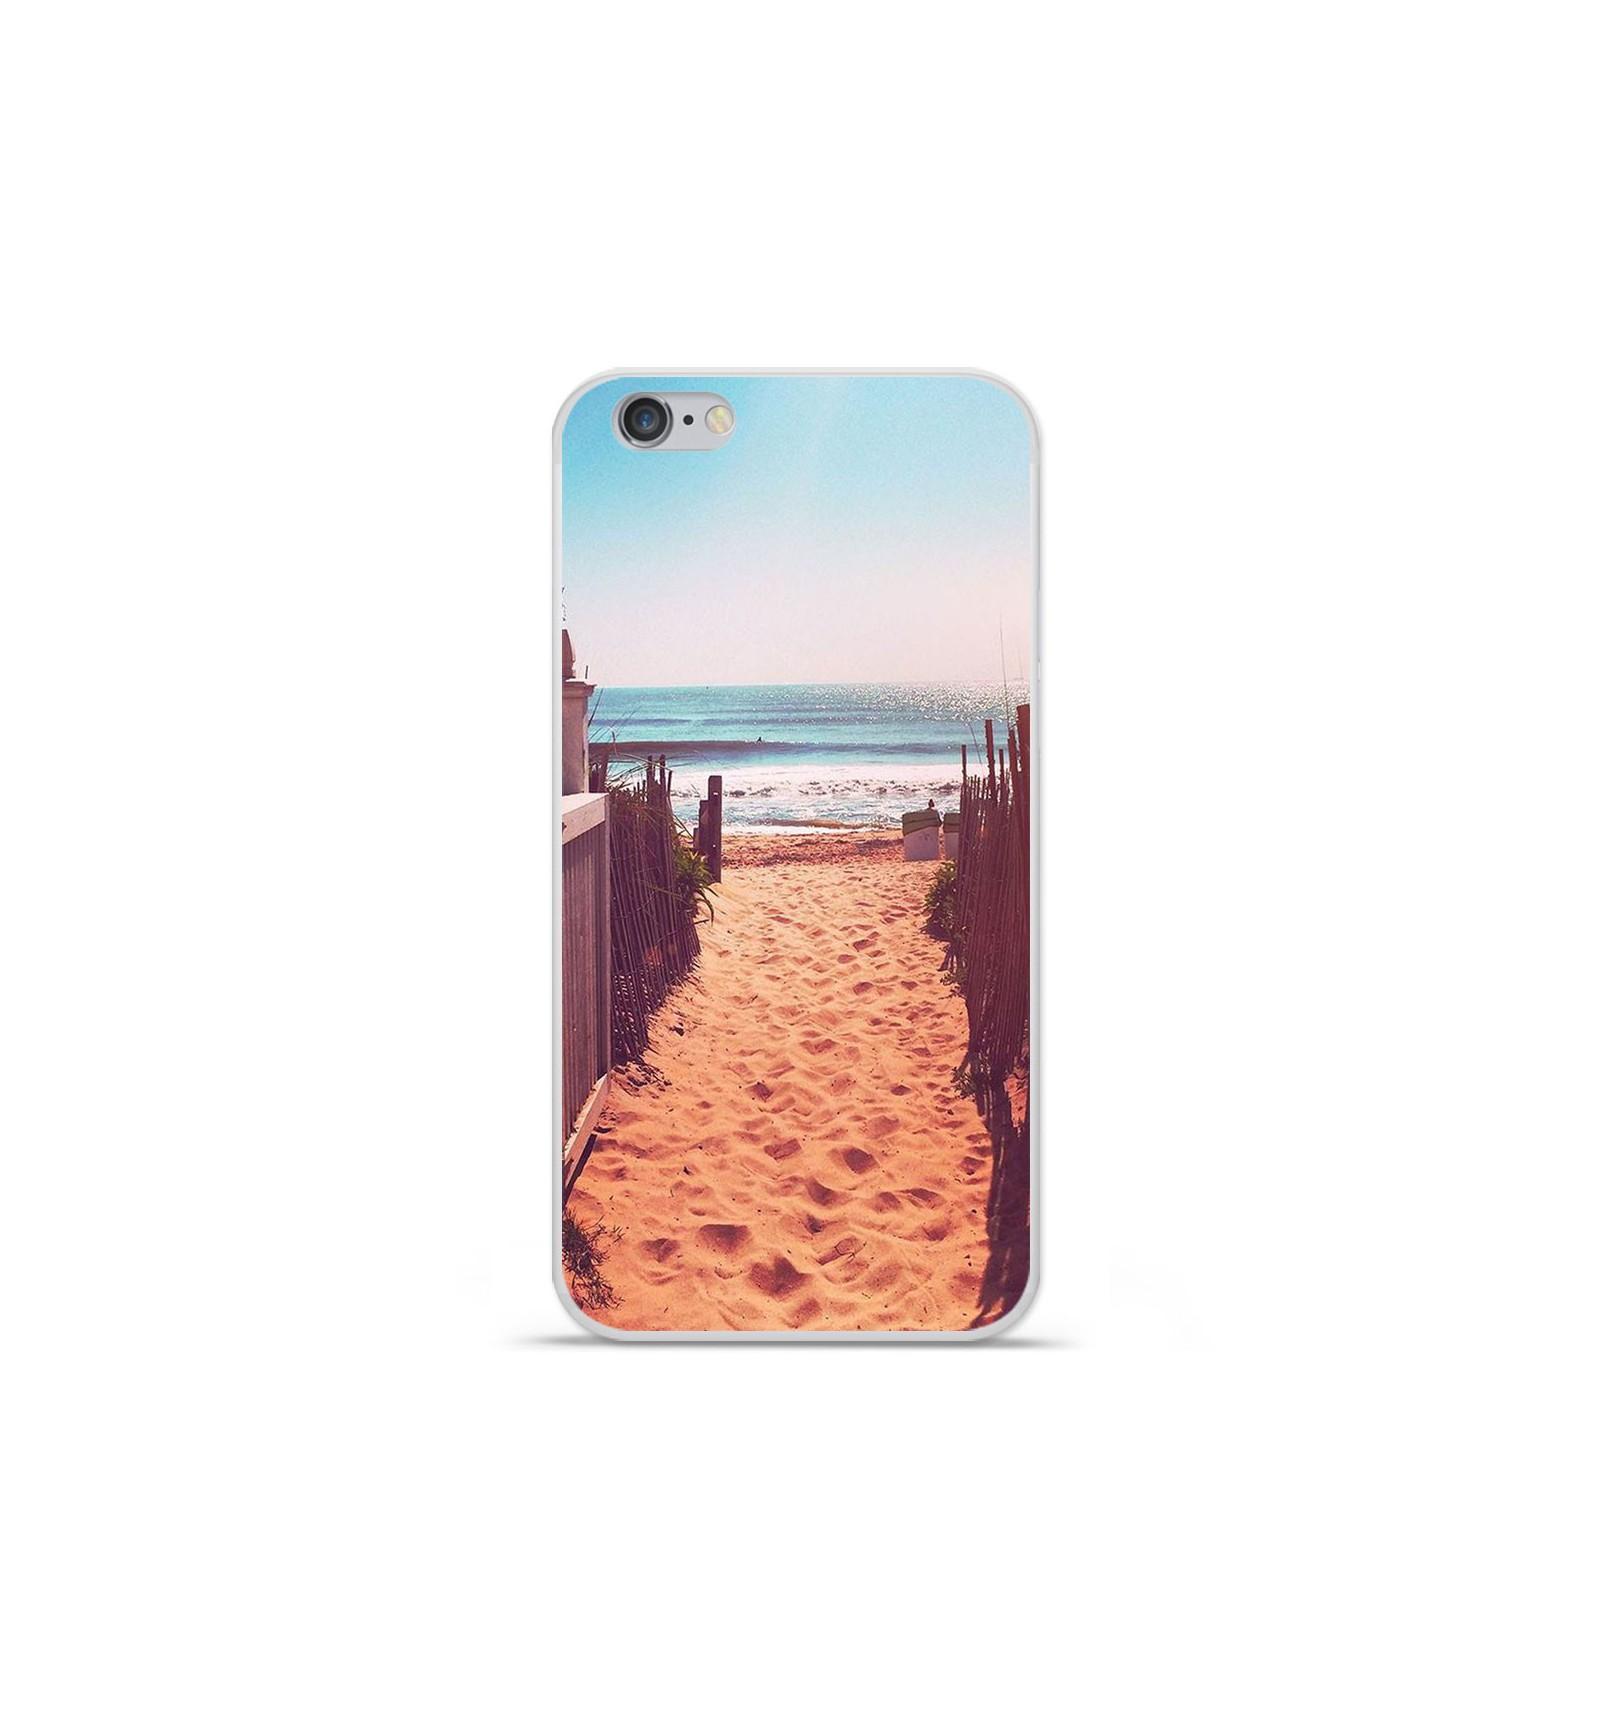 coque plage iphone 6